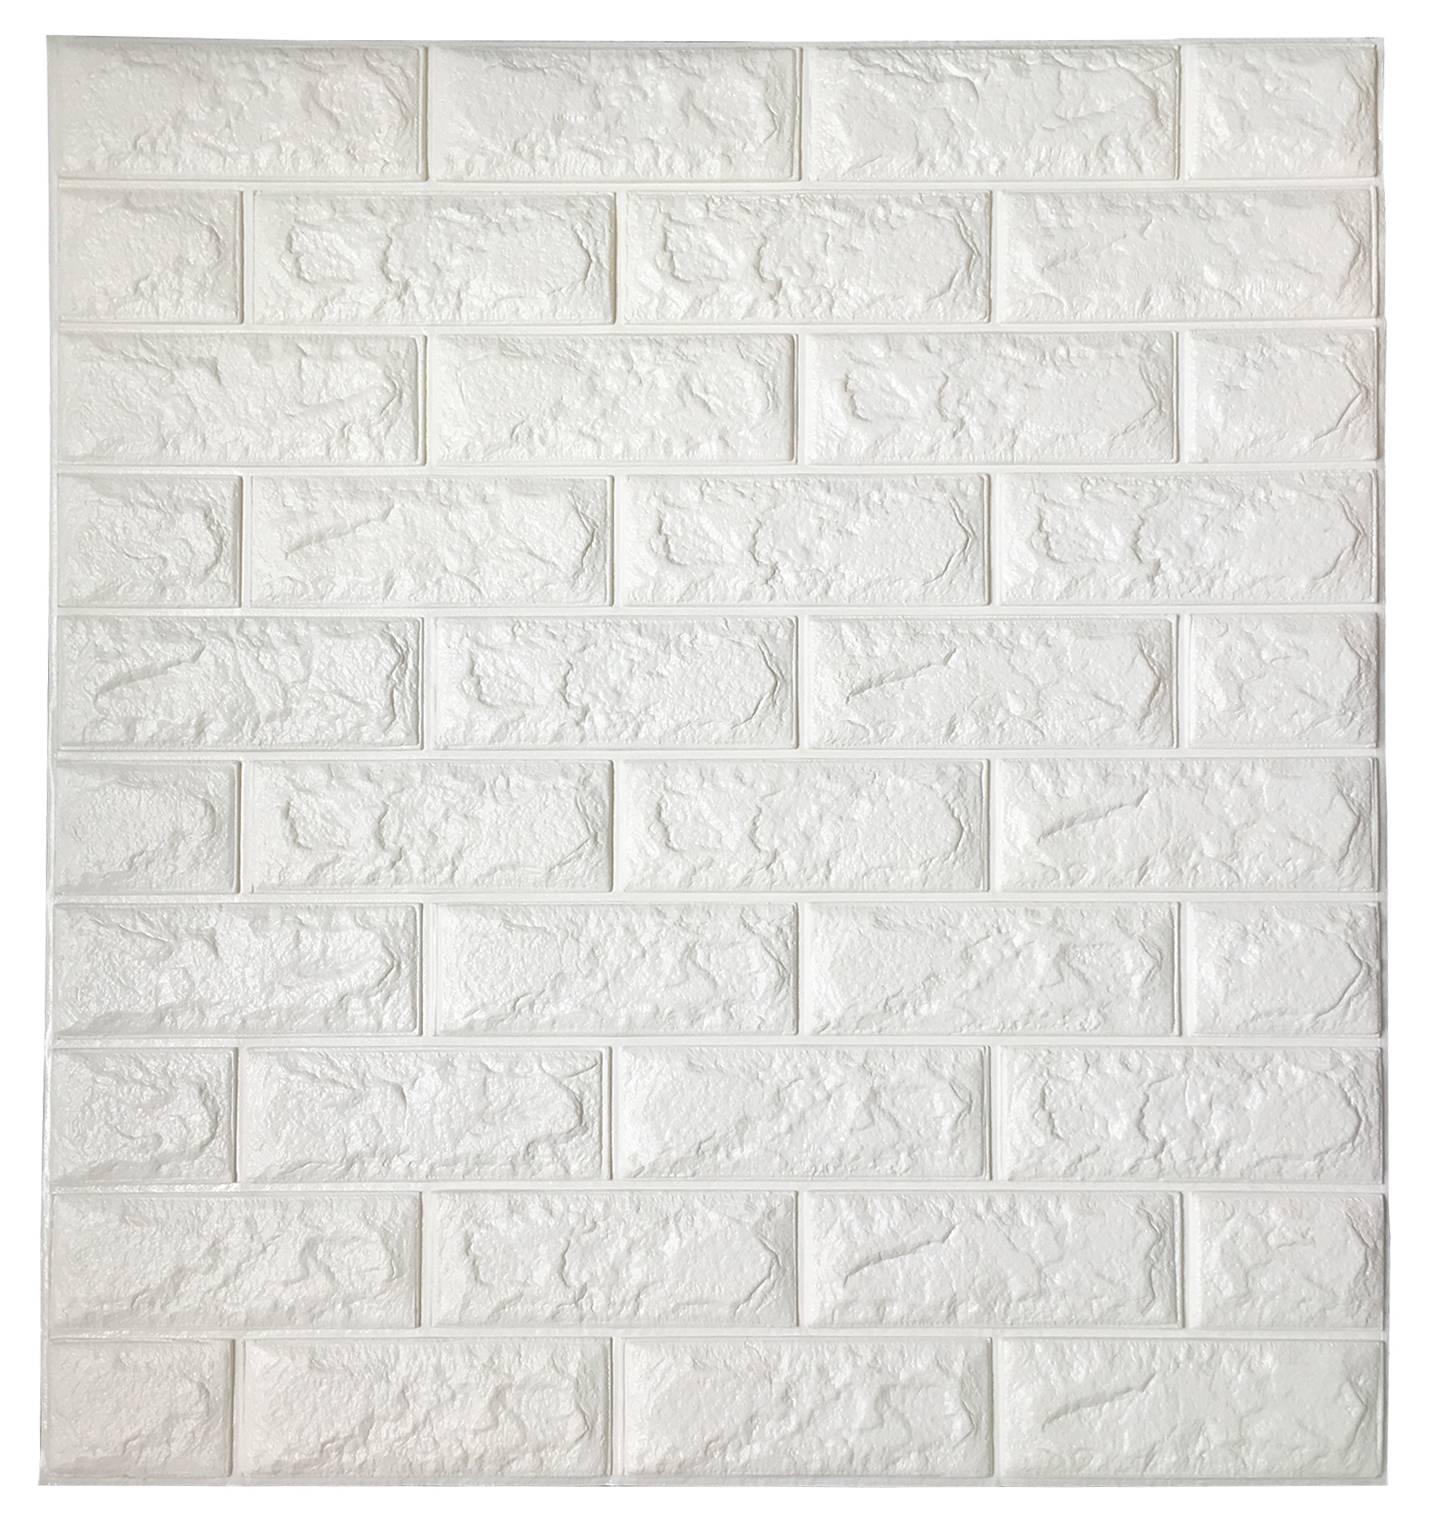 3d Wall Panels | 3d Wall Tiles | 3d Wall Art | 3d Wall Decor Throughout Latest White 3d Wall Art (View 2 of 20)